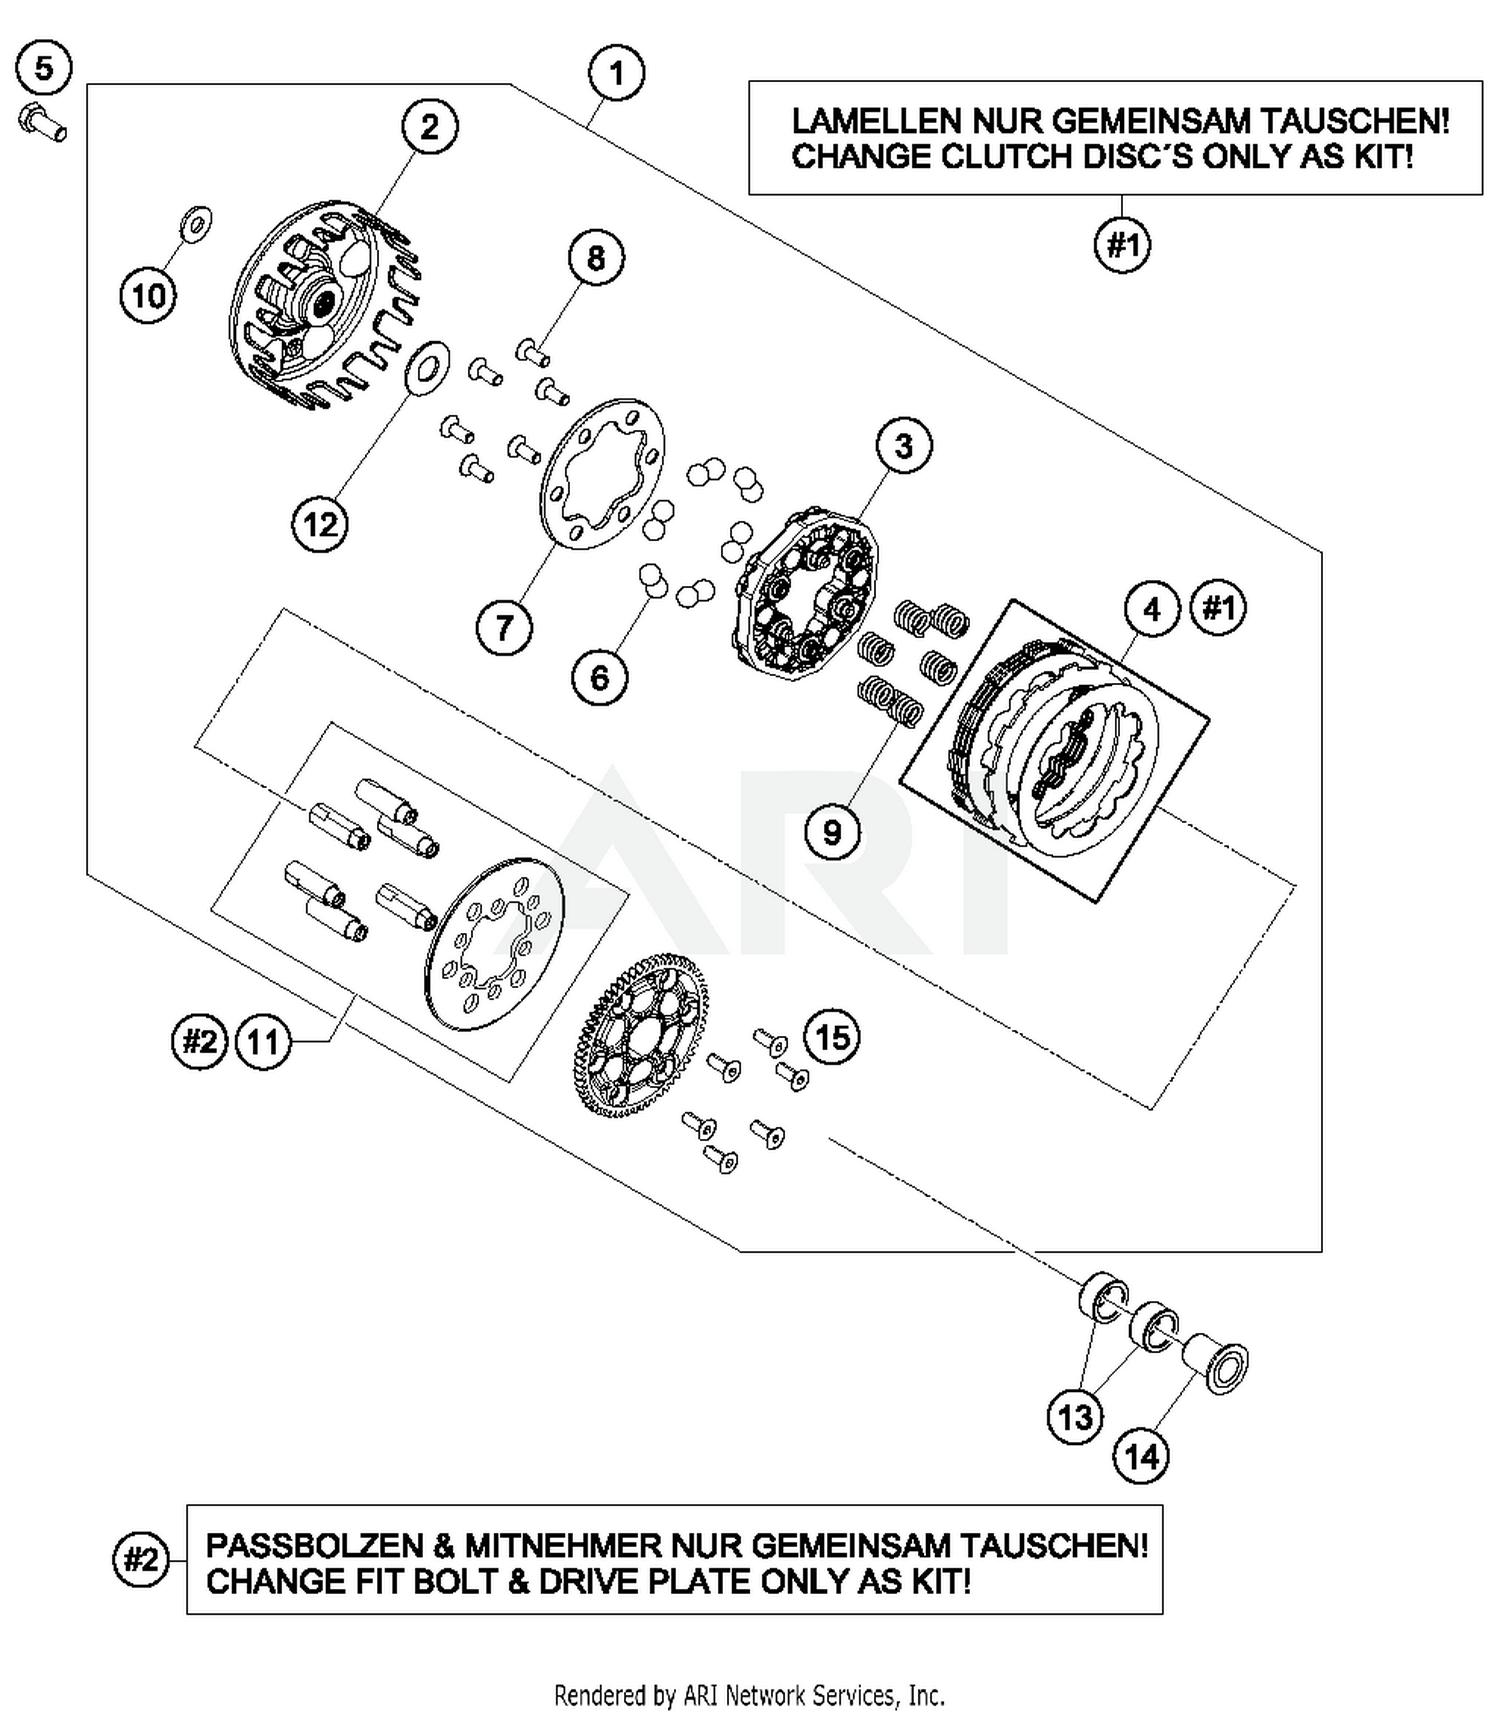 Diagram Part # 14 Quantity Required: 1